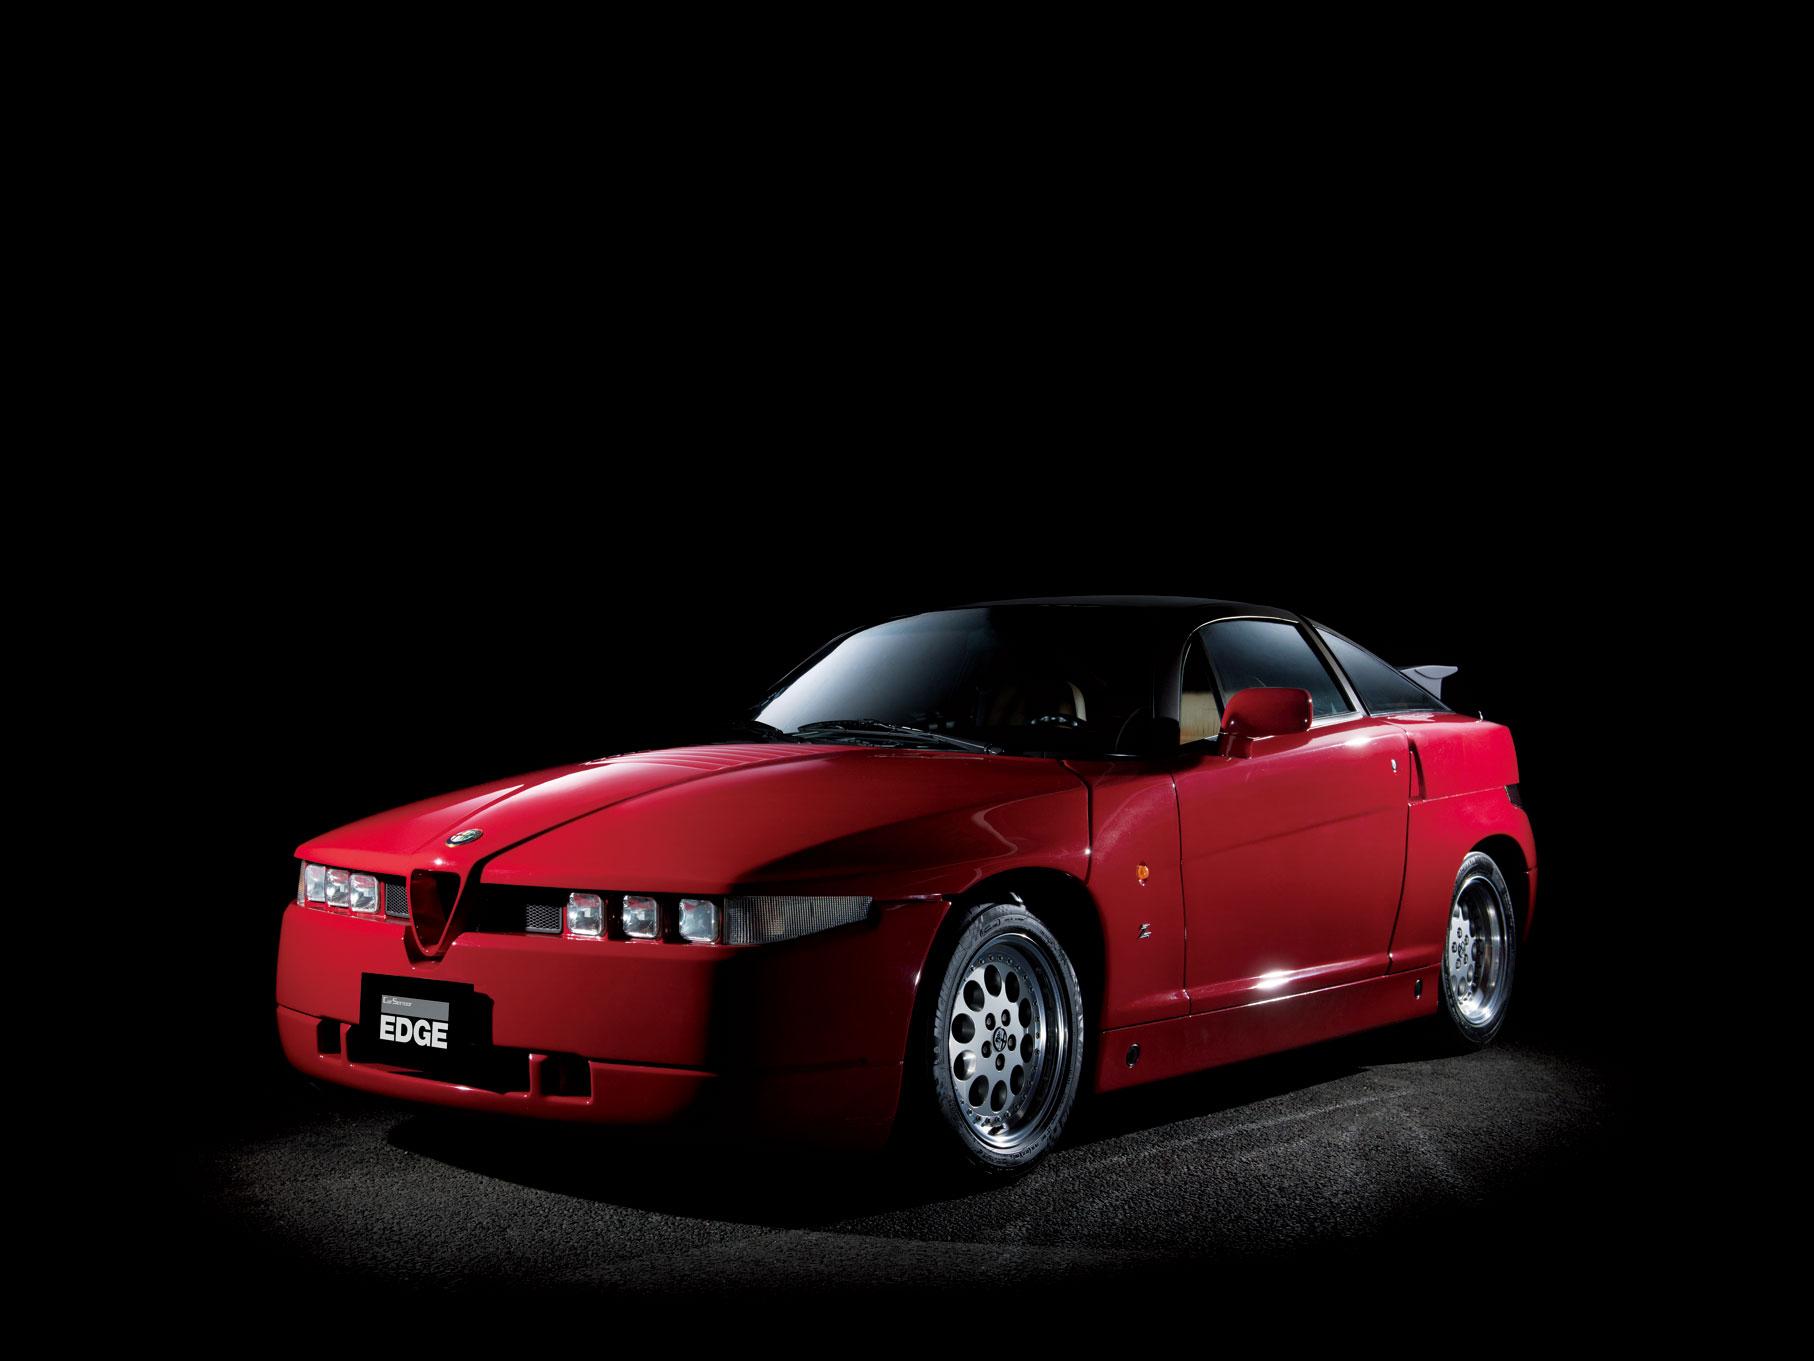 1989年にコンセプトカー「ES-30」として発表され、同年にクーペを「Sprint Zagato」の略であるS.Z.、オープンモデルを「Roadster Zagato」の略であるR.Z.として発売。ES-30はザガートがデザインを担当したが、最終的にはフィアット・デザインセンターのものを採用した。ベースはアルファ75で、駆動方式はFR。S.Z.が1991年まで、R.Z.は1993年までと生産期間も非常に短い。